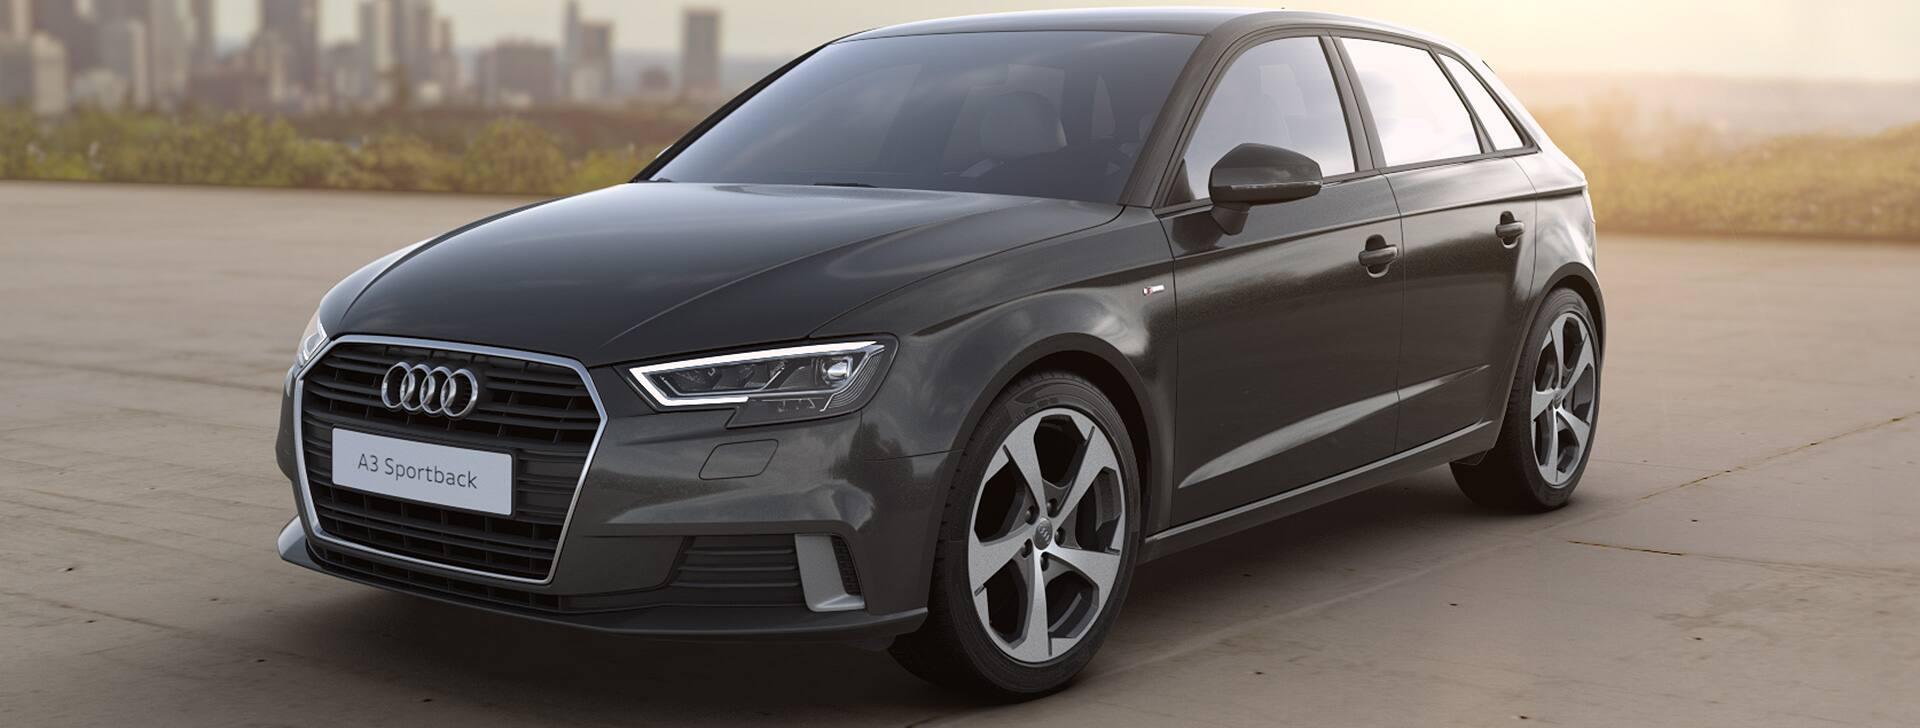 nouvelle audi s1 2018 new car models 2019 2020. Black Bedroom Furniture Sets. Home Design Ideas